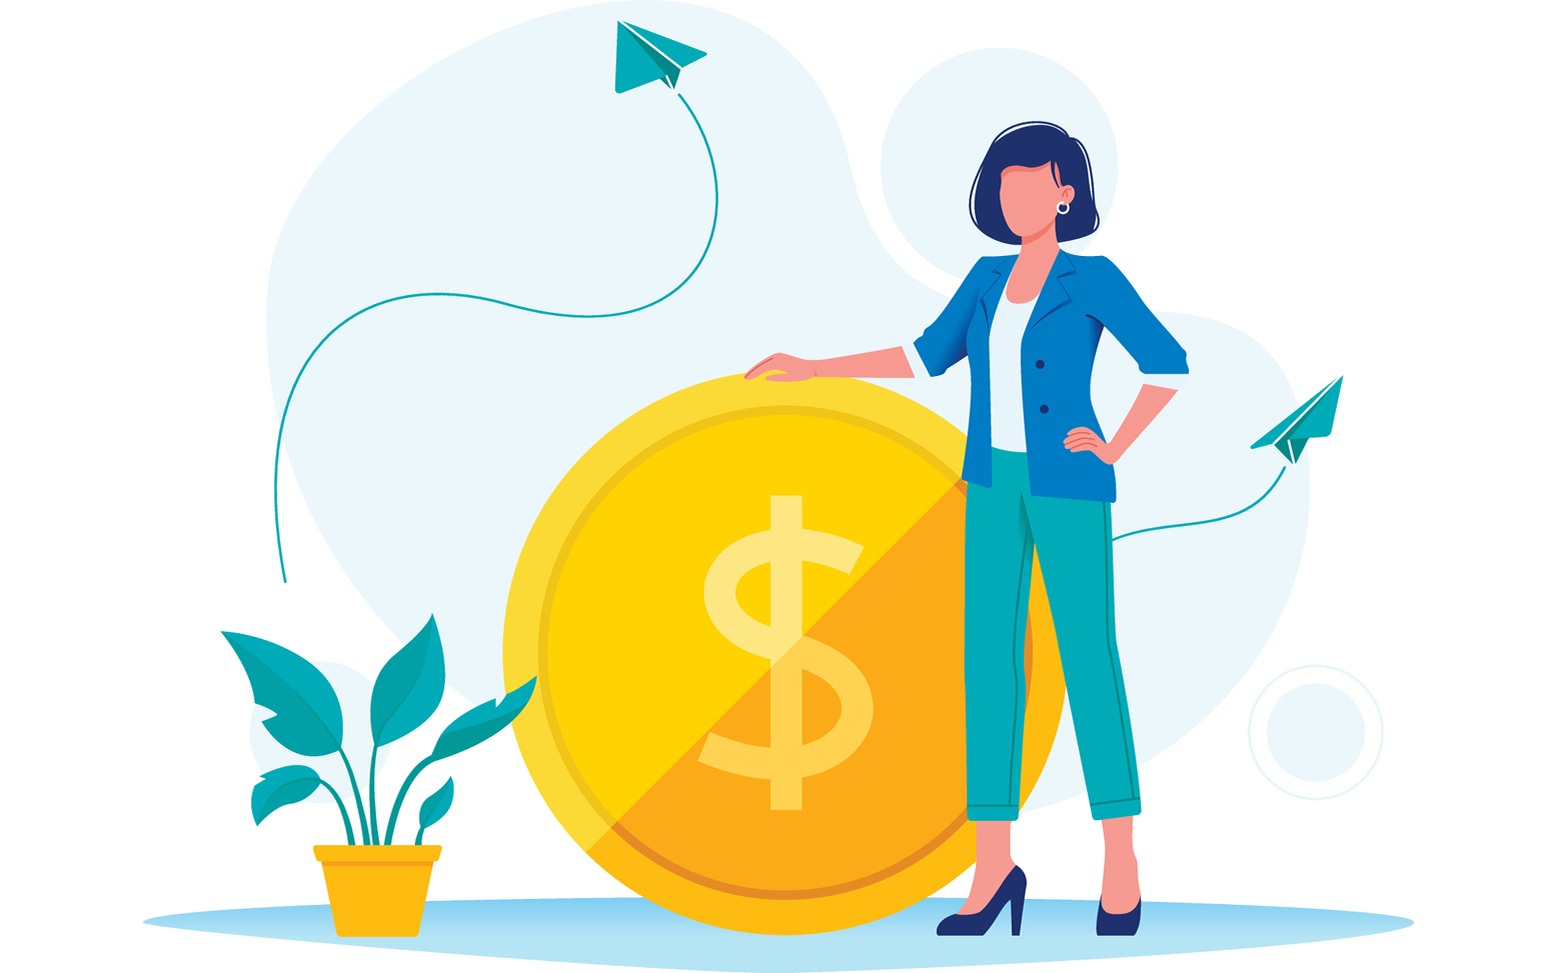 Financer ton projet